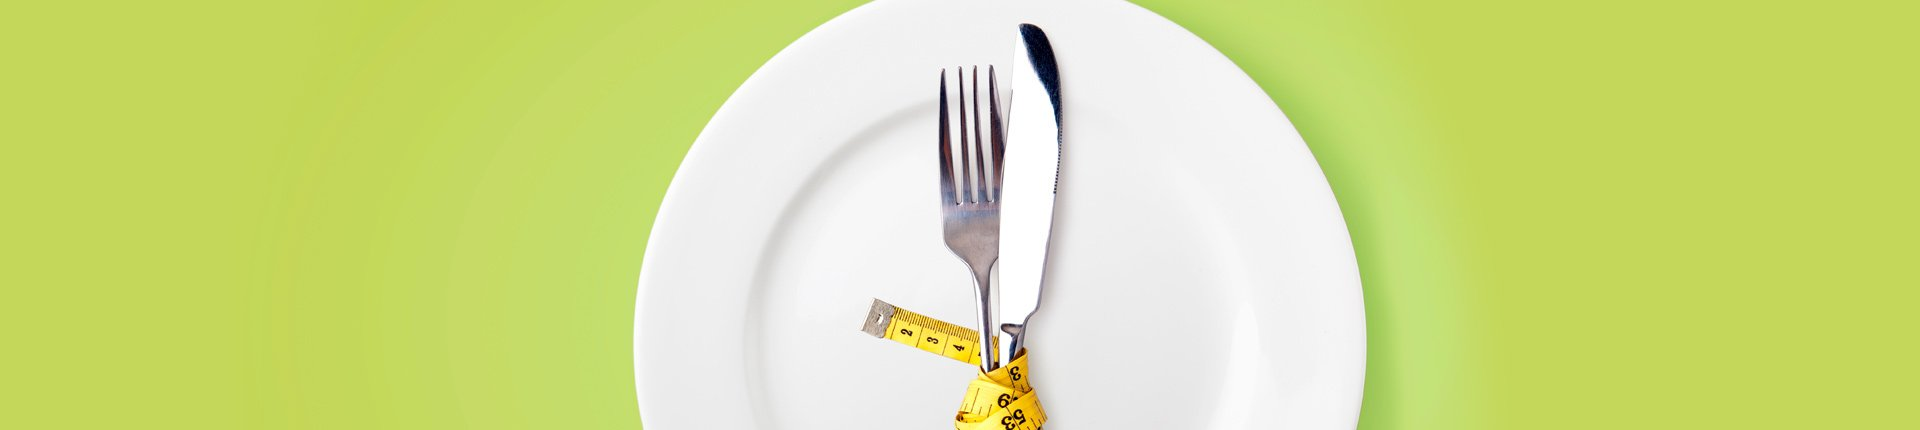 Czy diety oczyszczające działają?